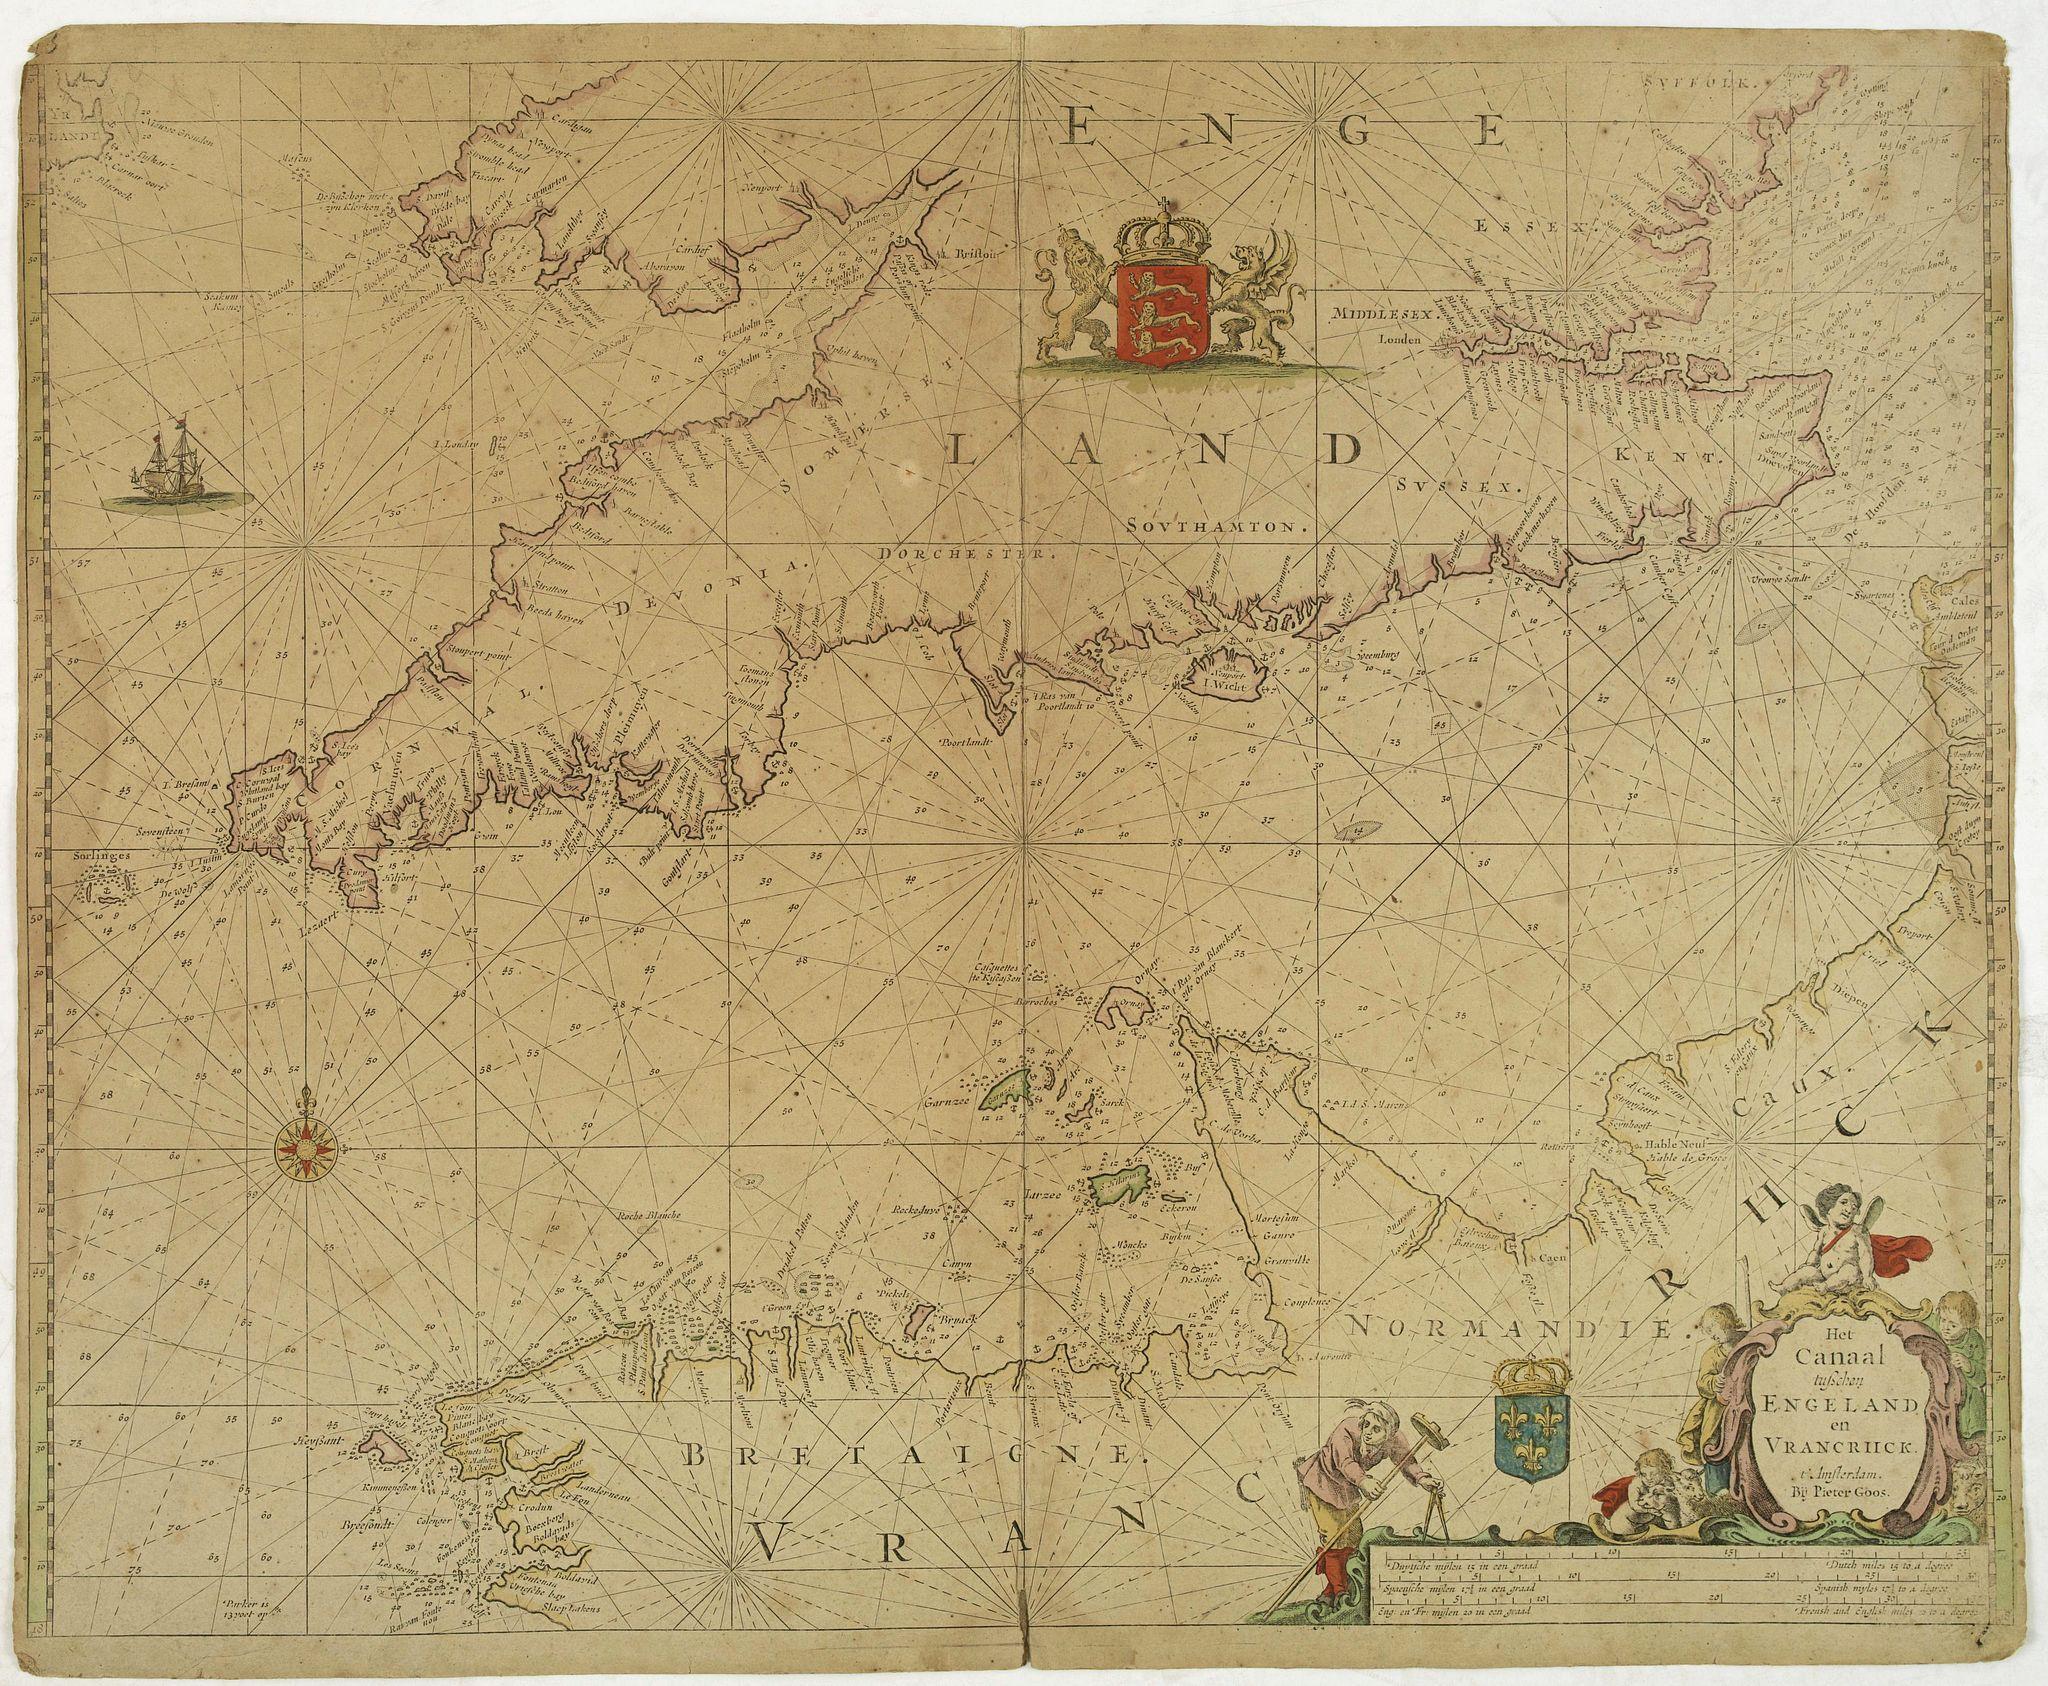 GOOS, P. -  Het Canaal tusschen Engeland en Vranciick.